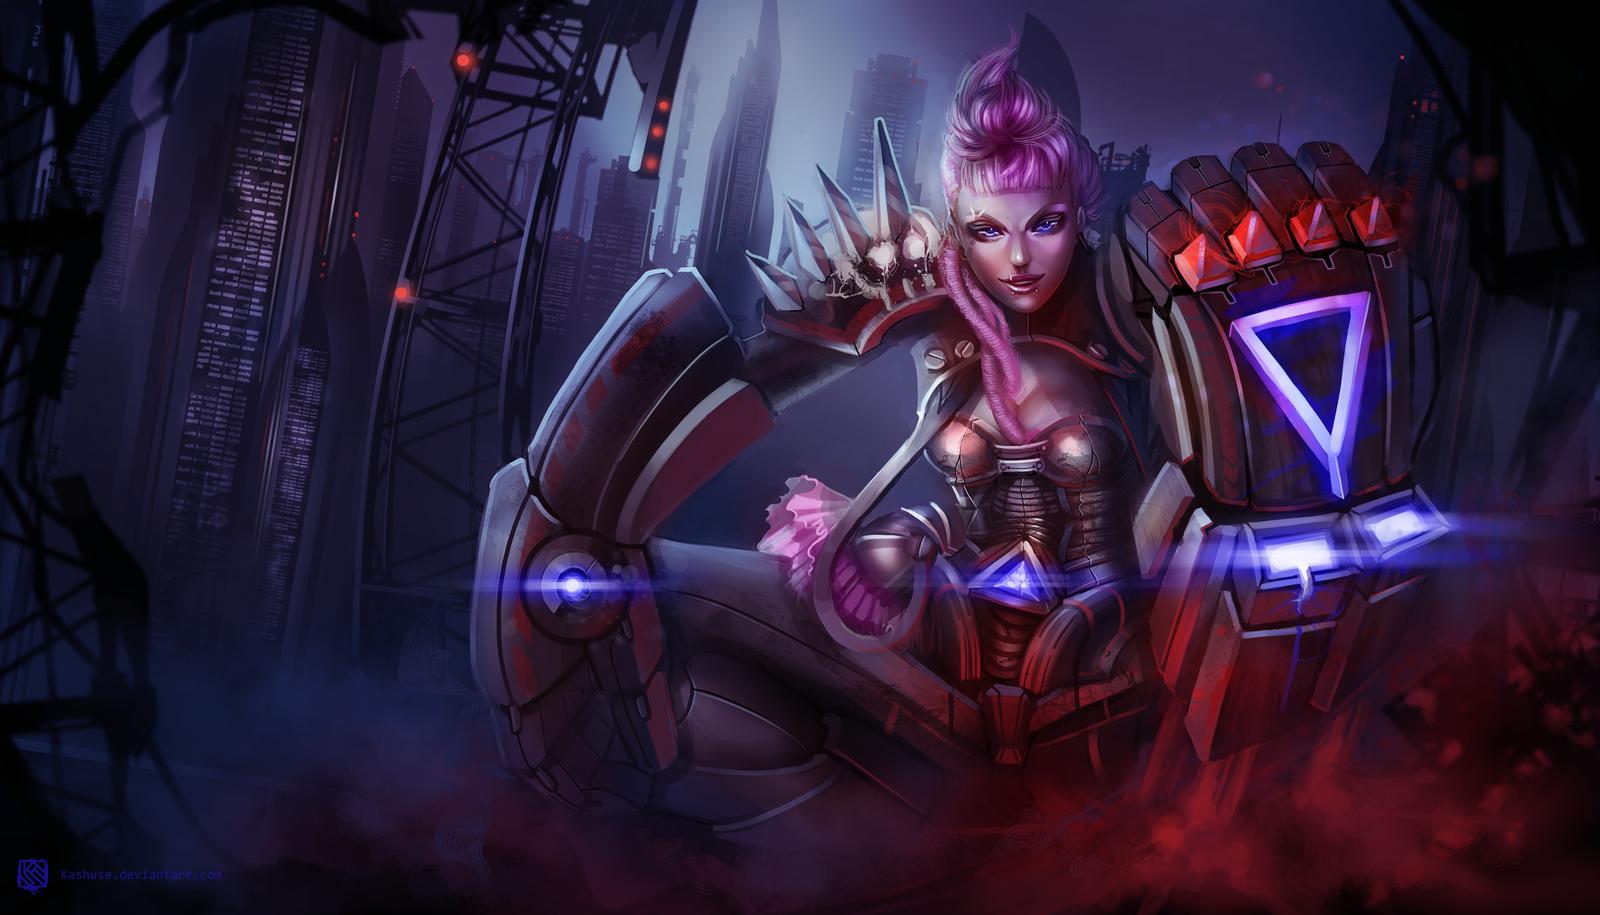 League of Legends_VI_Cyberpunk_Splash by Kashuse on DeviantArt